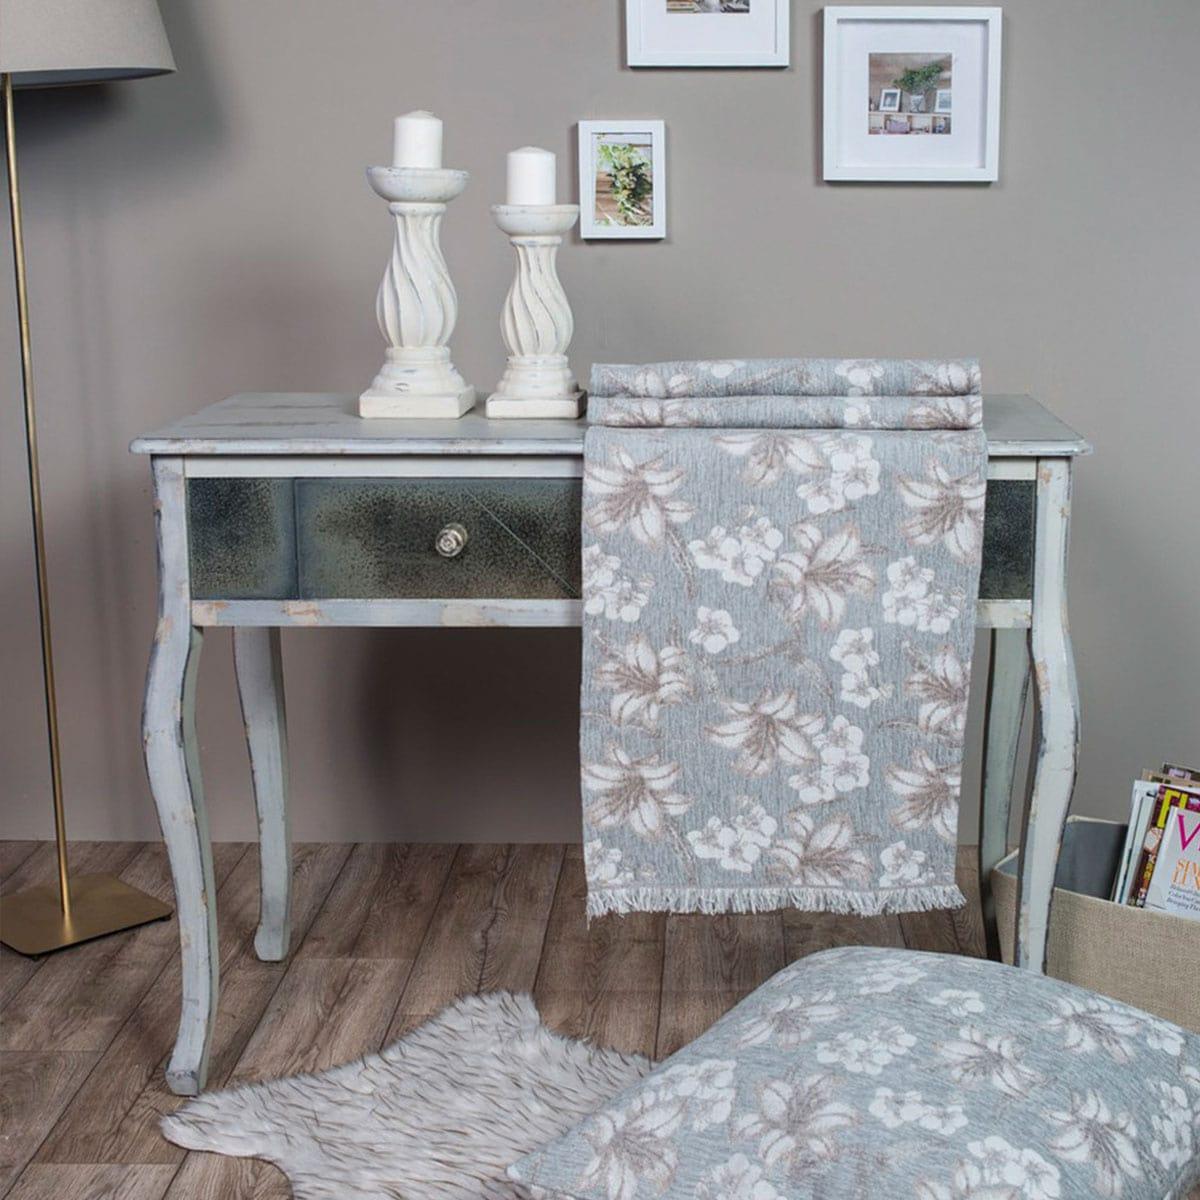 Μαξιλαροθήκη Διακοσμητική Δαπέδου Louisiana 11 Light Grey Teoran 60X60 Ακρυλικό-Polyester